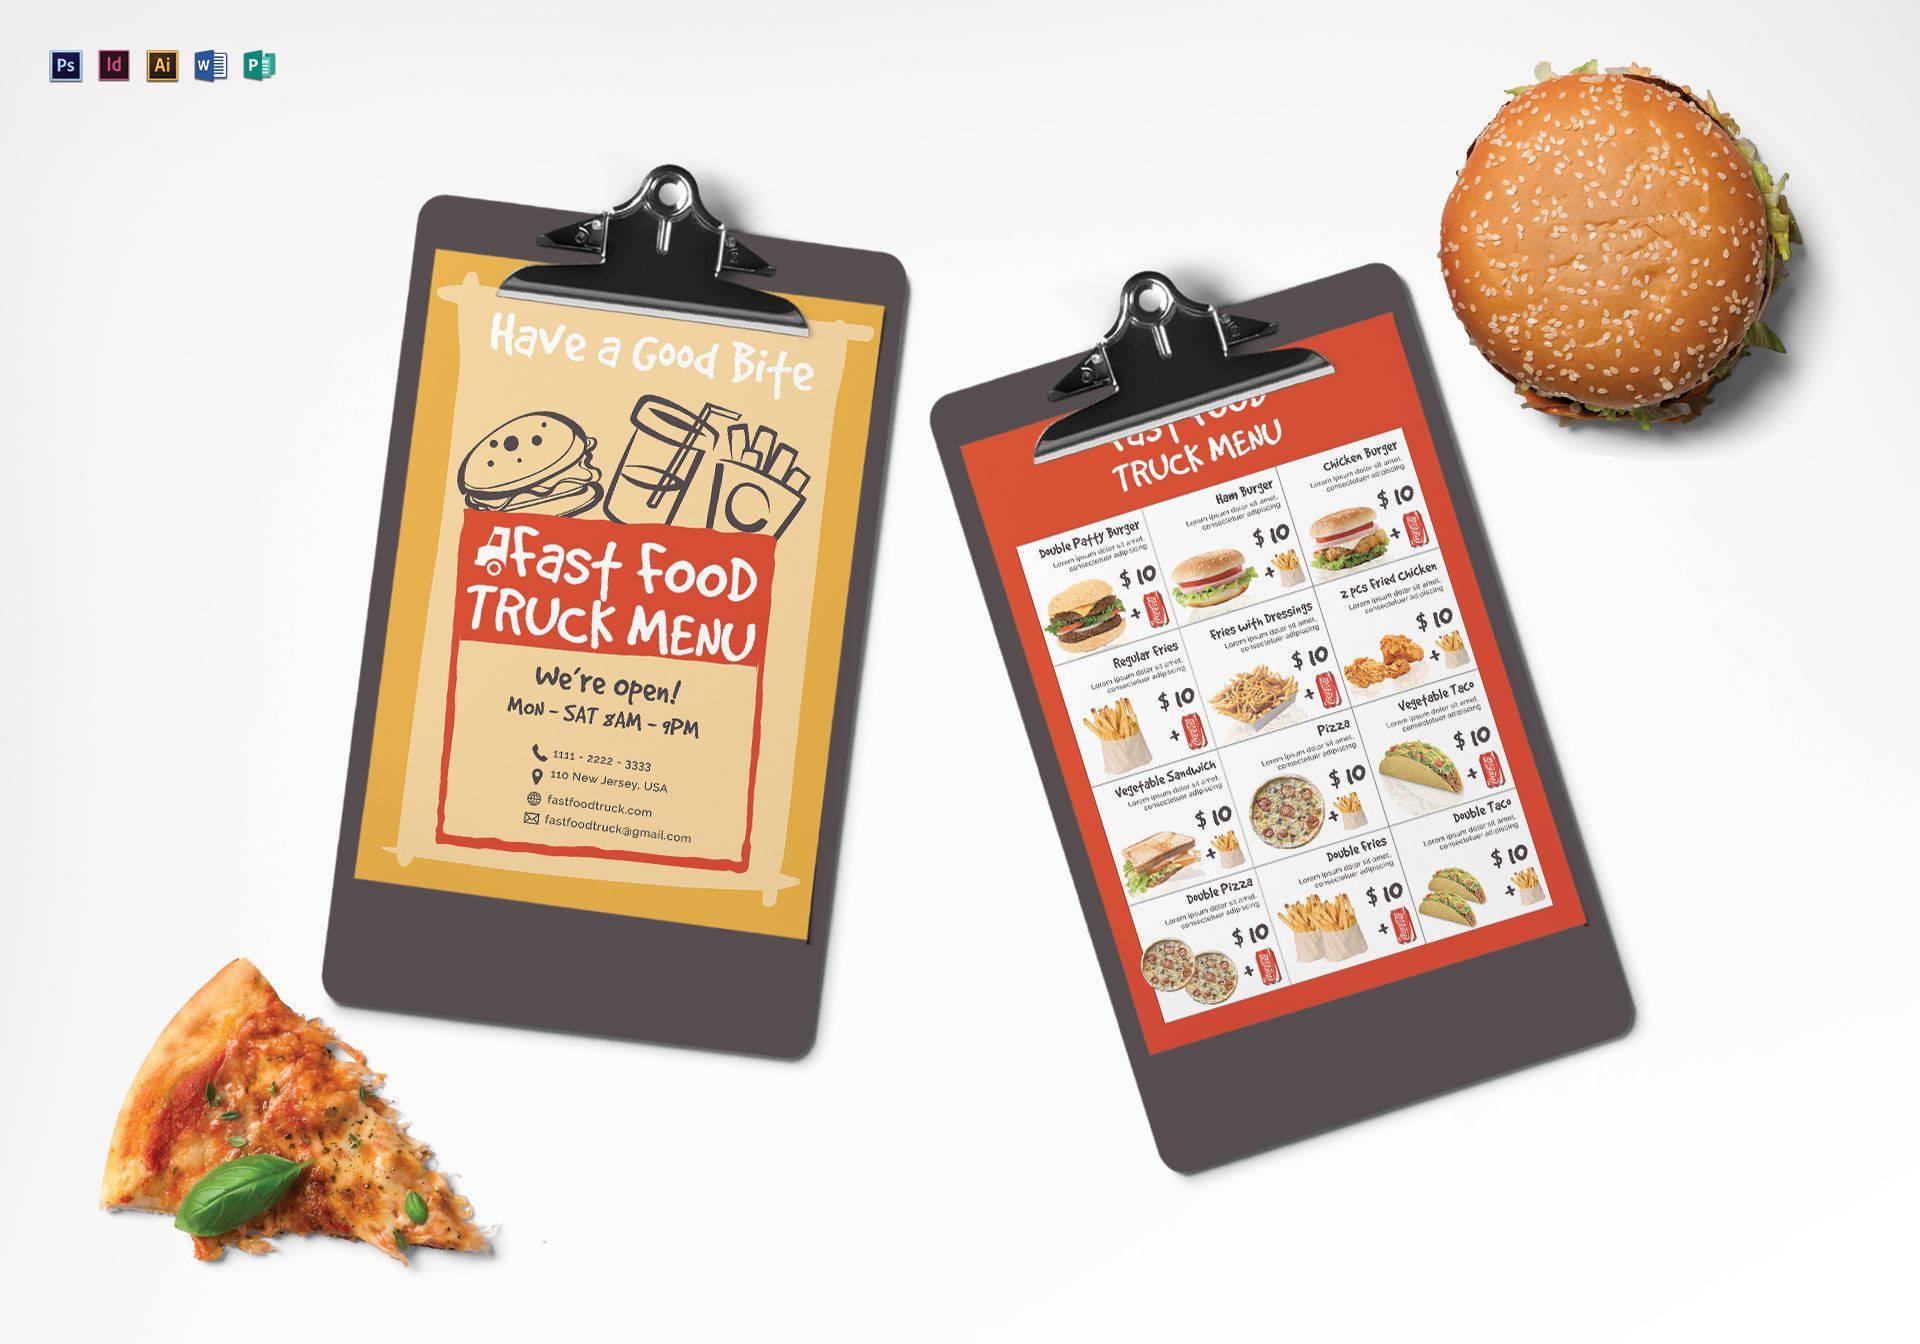 fast food burger menu sample1